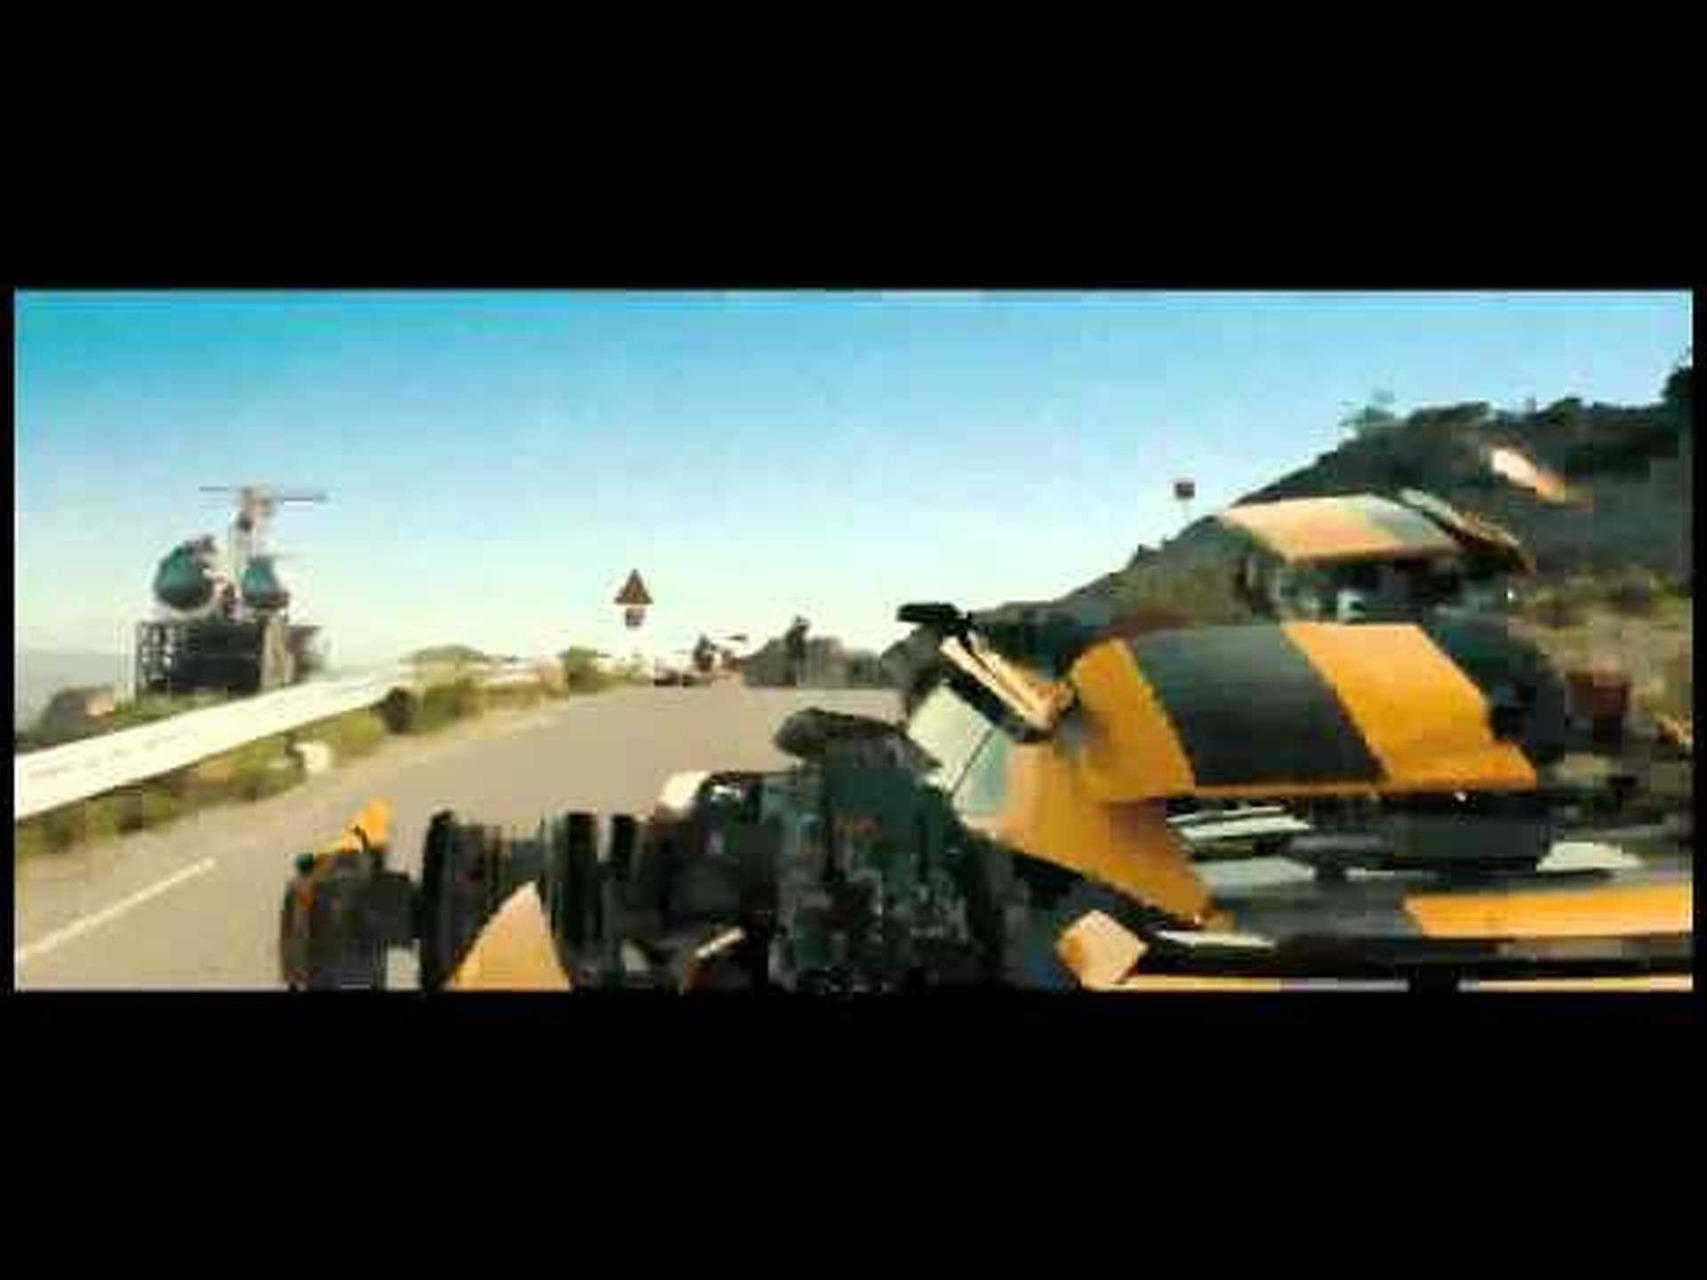 2012 Chevrolet Camaro Transformers Bumblebee Special Edition